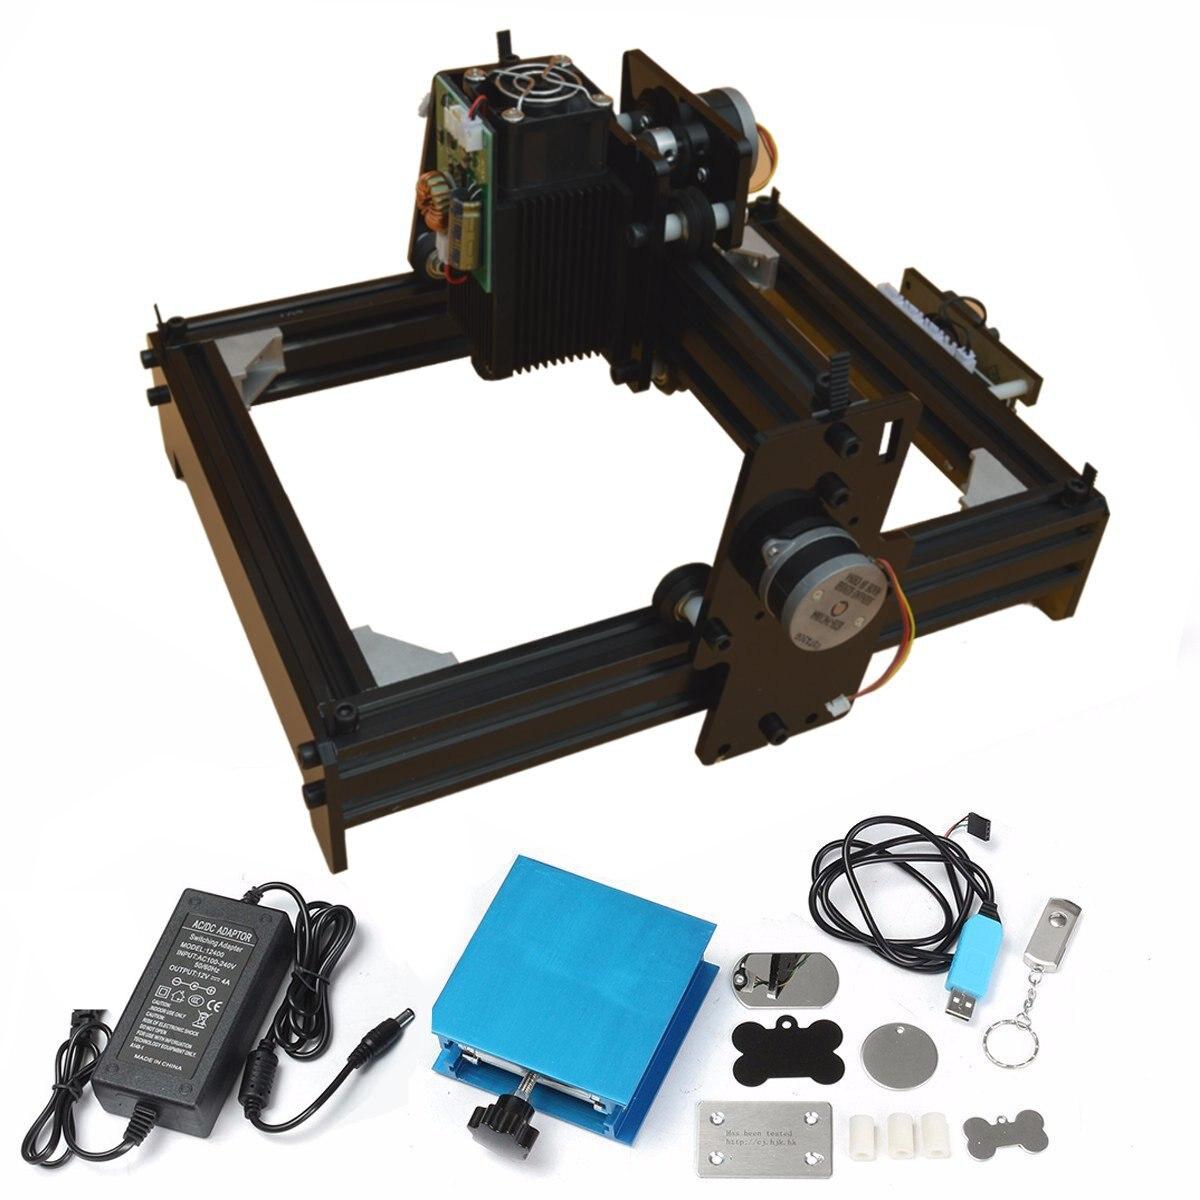 15 w CNC Crouter CNC Laser cutter BRICOLAGE Mini CNC Laser Machine De Gravure Bois Routeur Métal Marquage Gravure 2018 Meilleur avancée Jouet